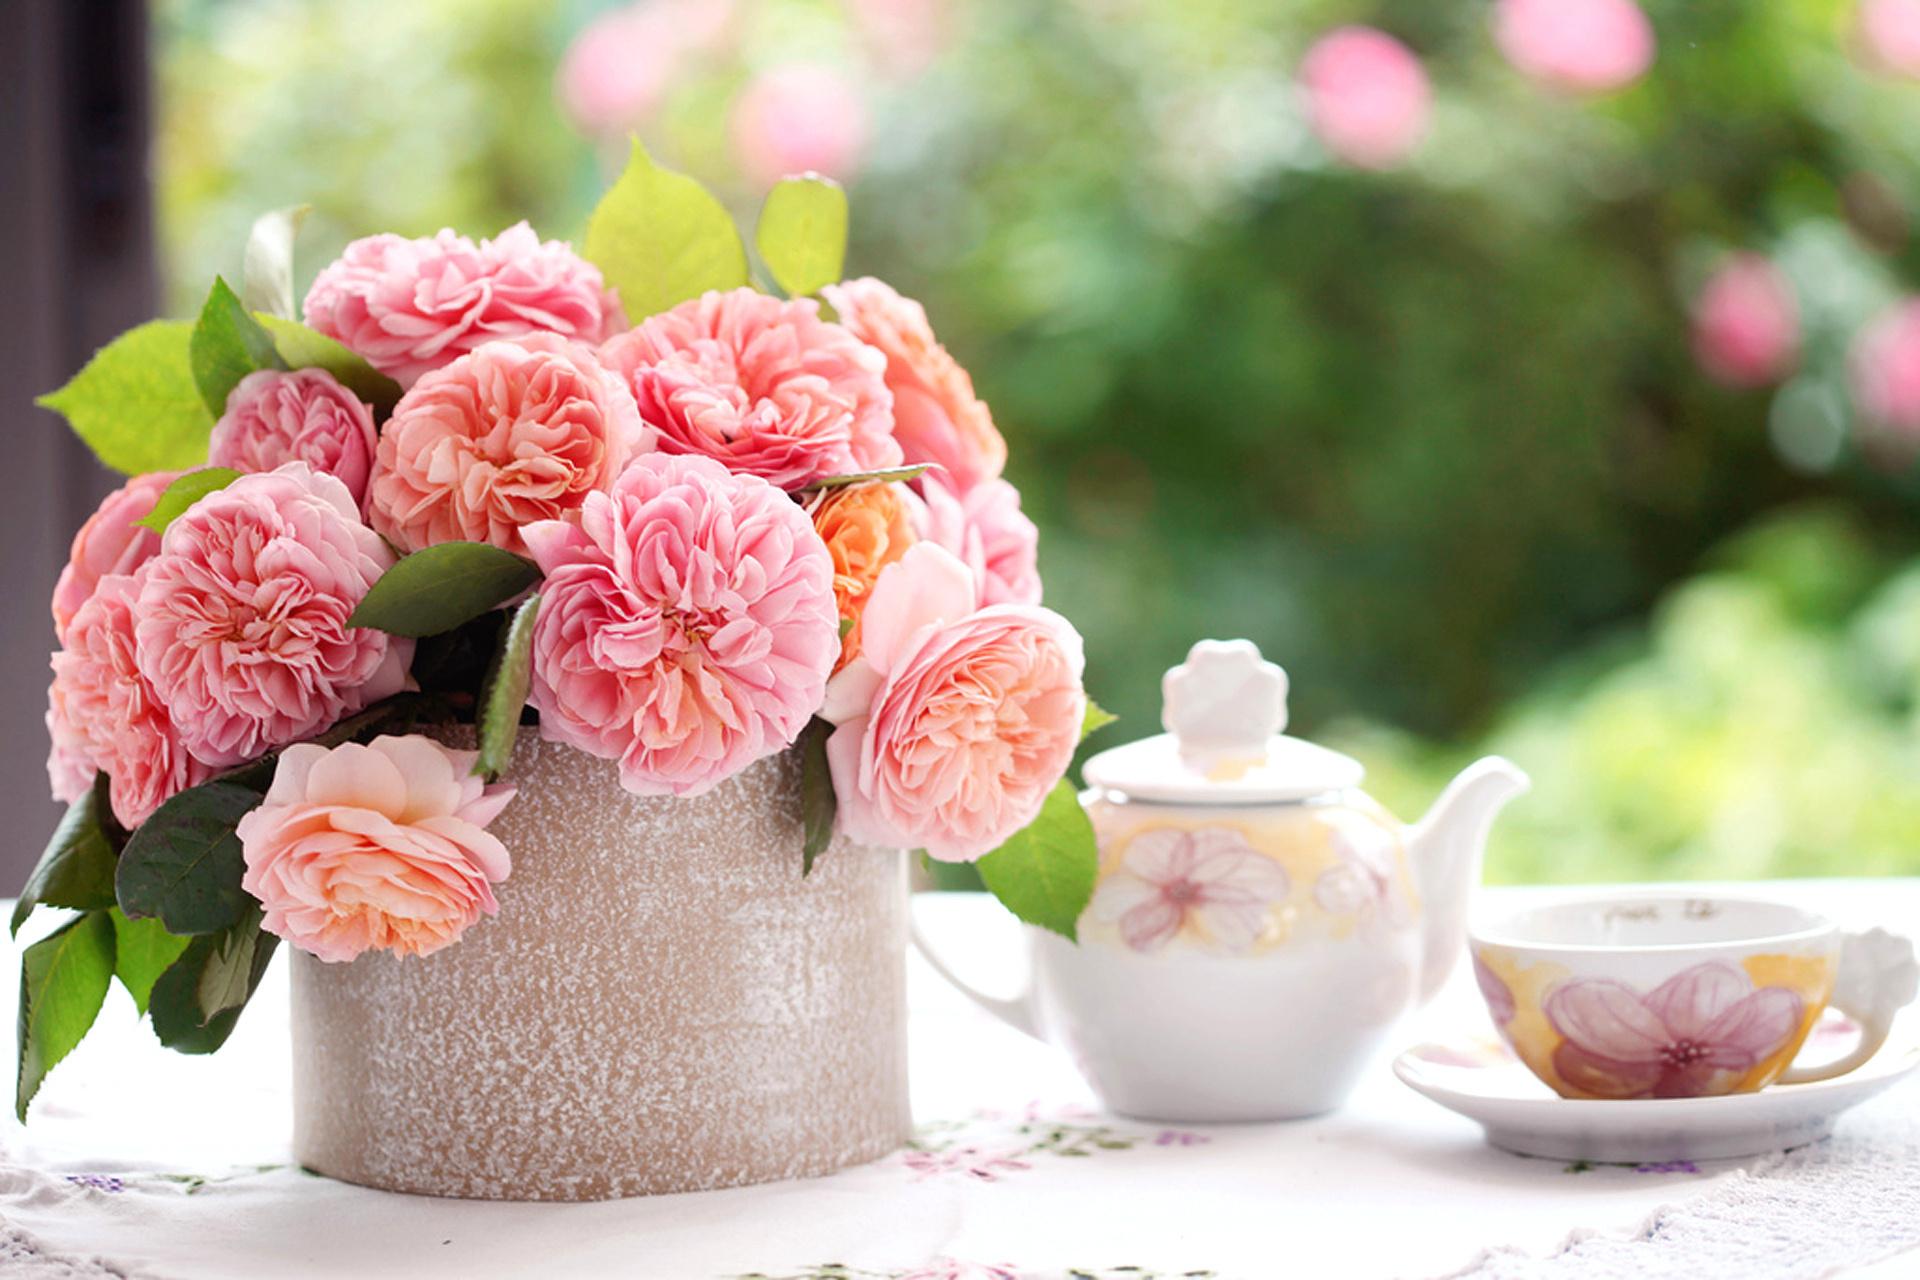 Хозяйство цветы, букет утренний